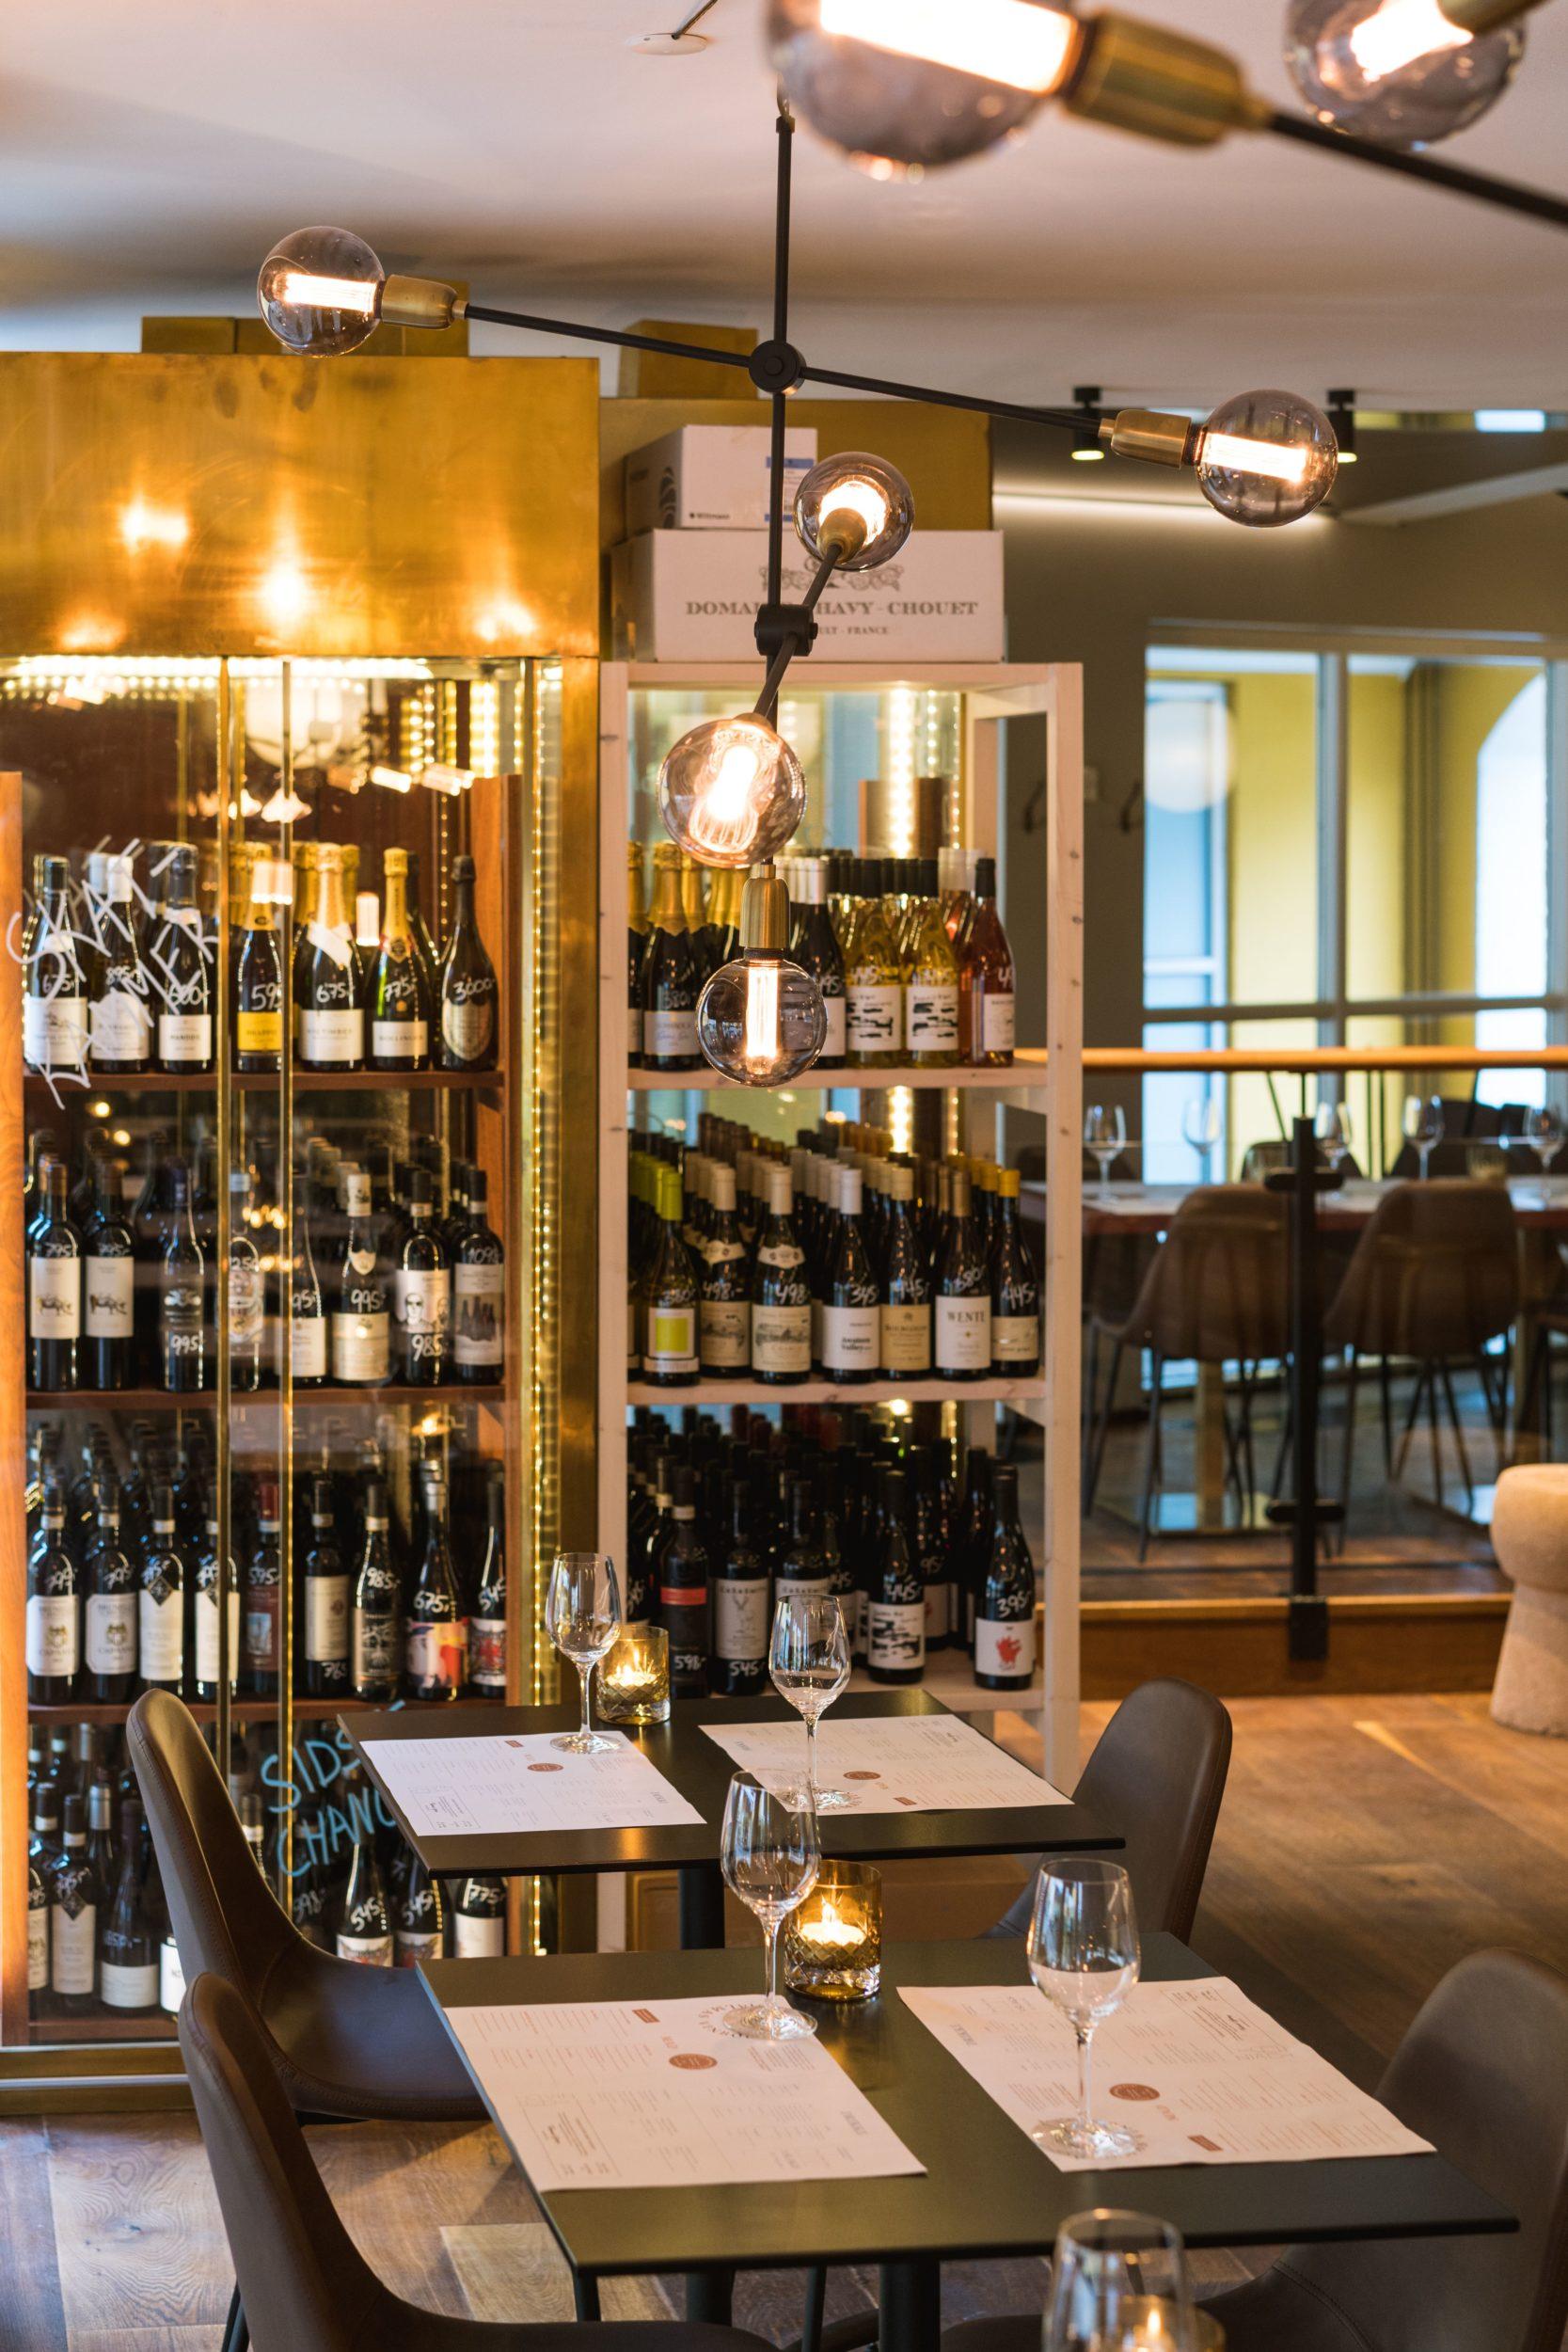 Ny vinbodega er en hyldest til hyggen og smagen af Roskilde